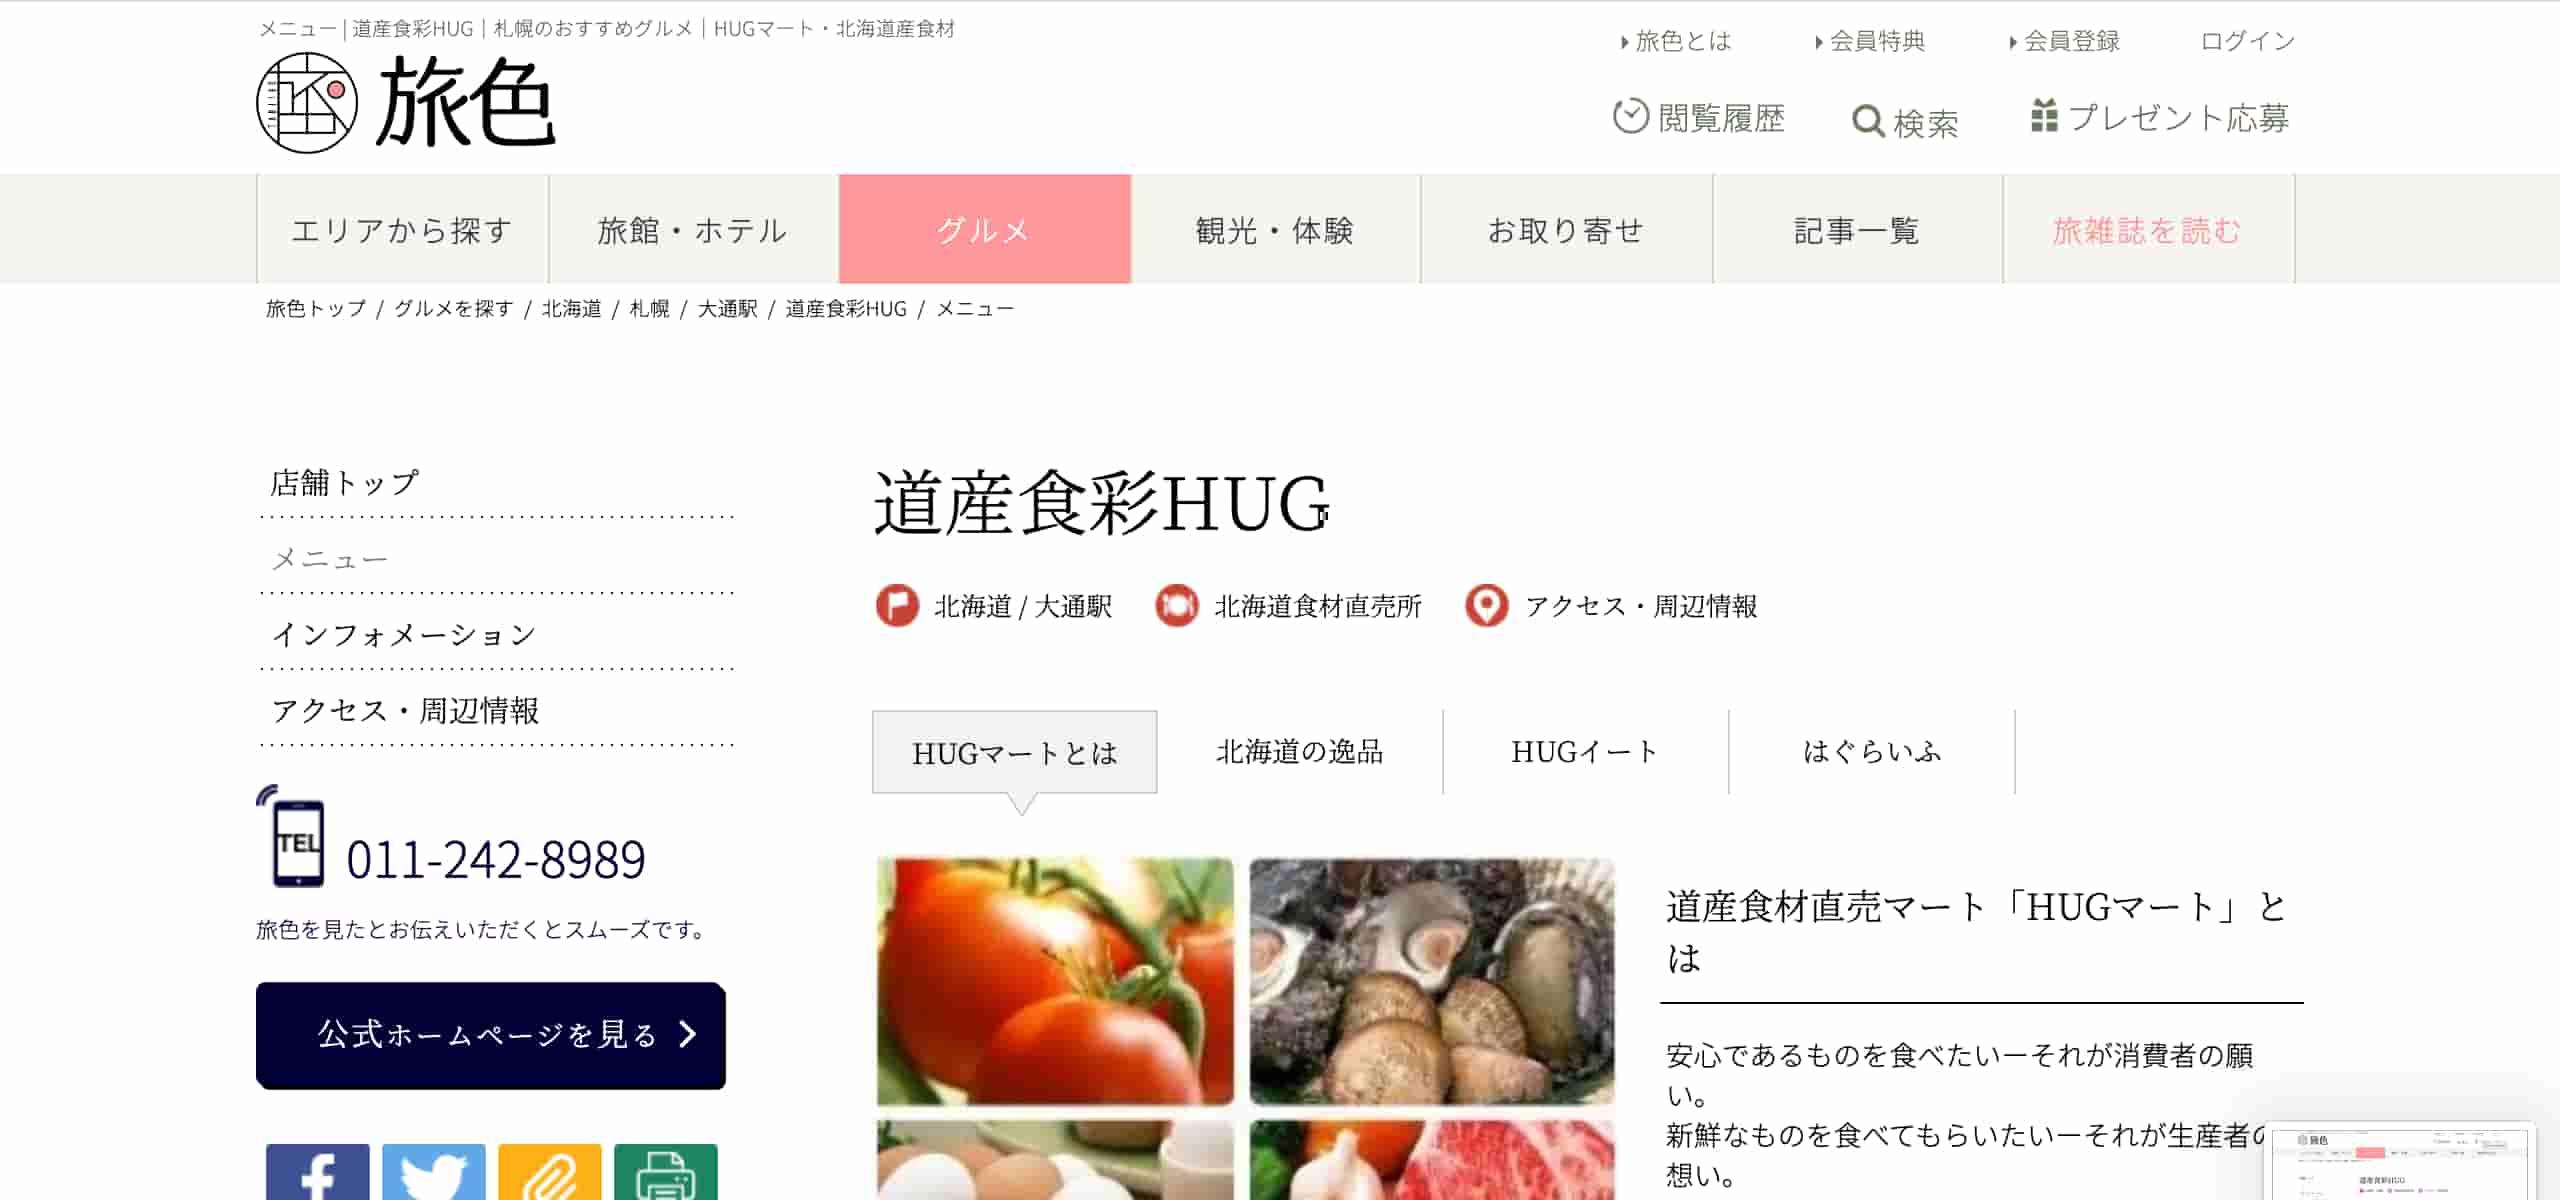 はぐらいふ(道産食彩HUGマート)